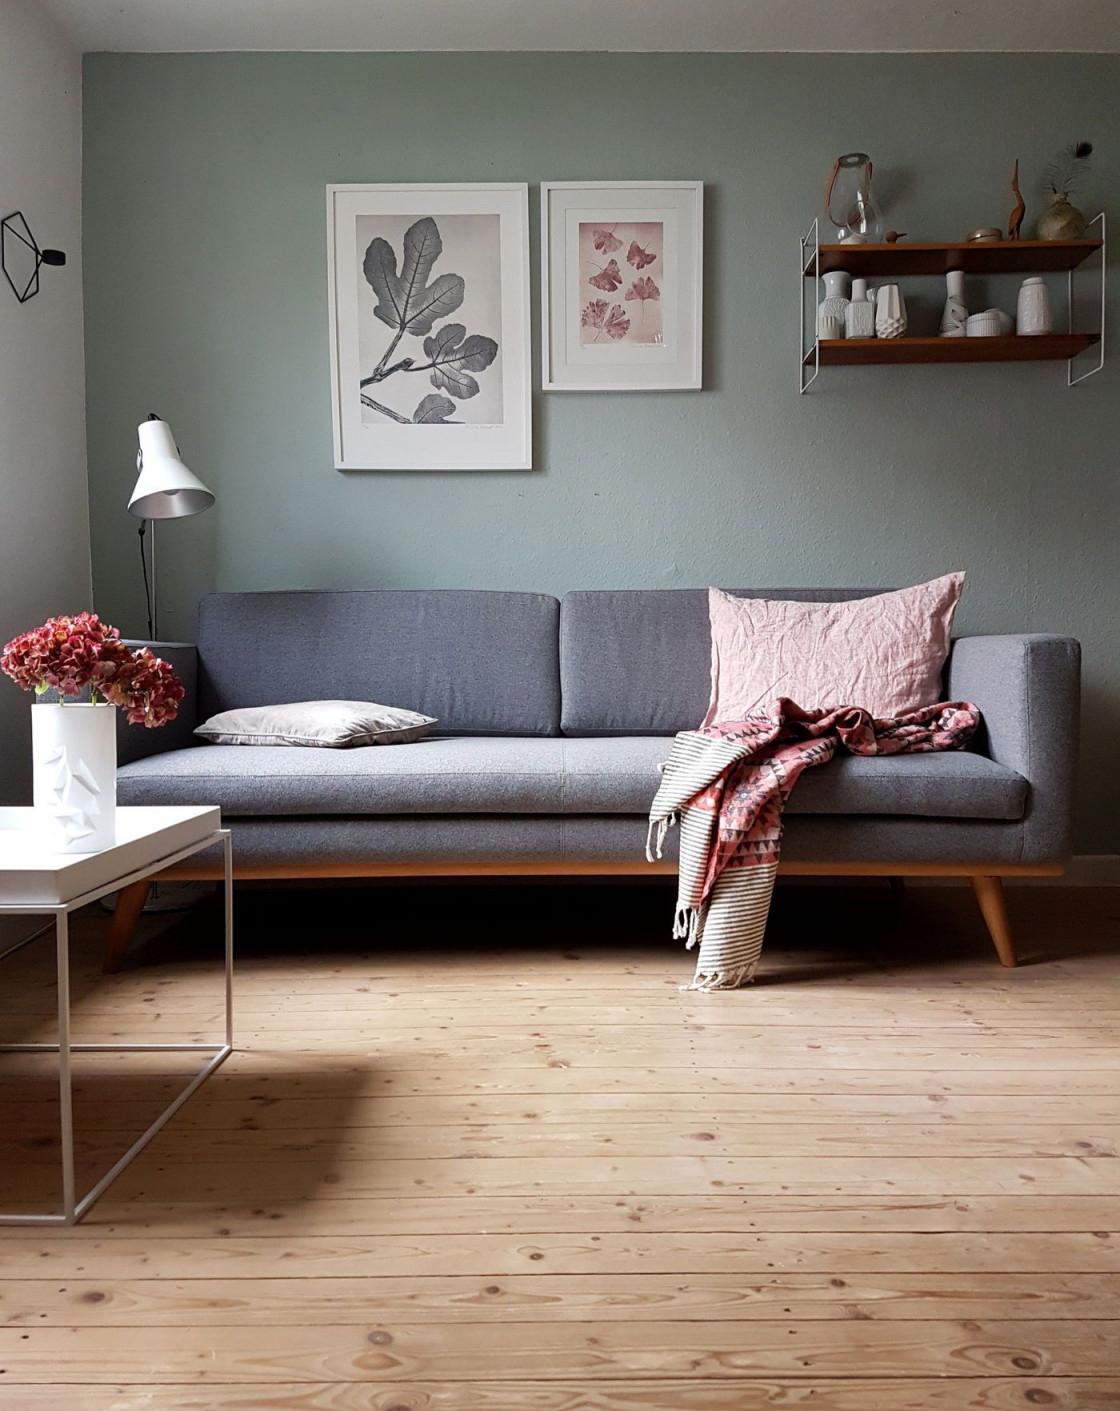 Die Schönsten Ideen Für Die Wandfarbe Im Wohnzimmer von Wandfarbe Wohnzimmer Ideen Photo